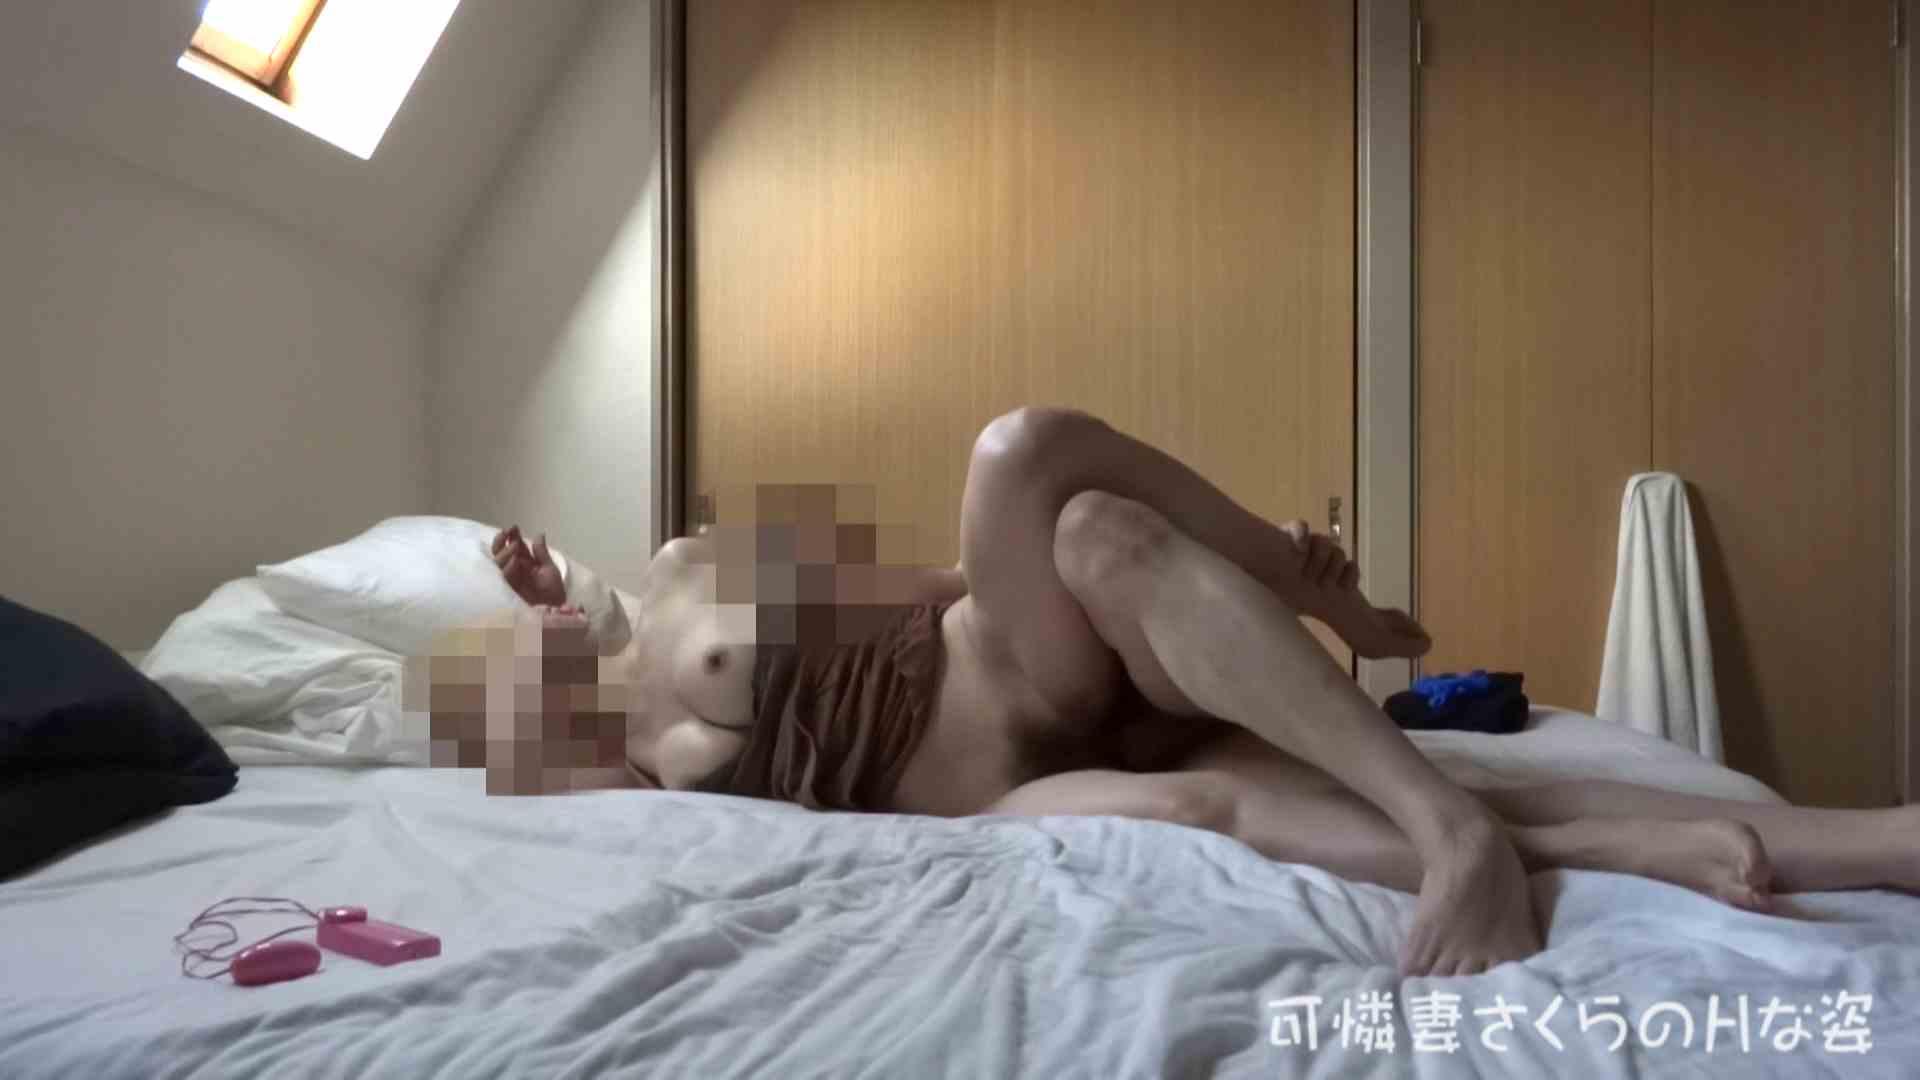 可憐妻さくらのHな姿vol.18 オナニー ワレメ動画紹介 96pic 87